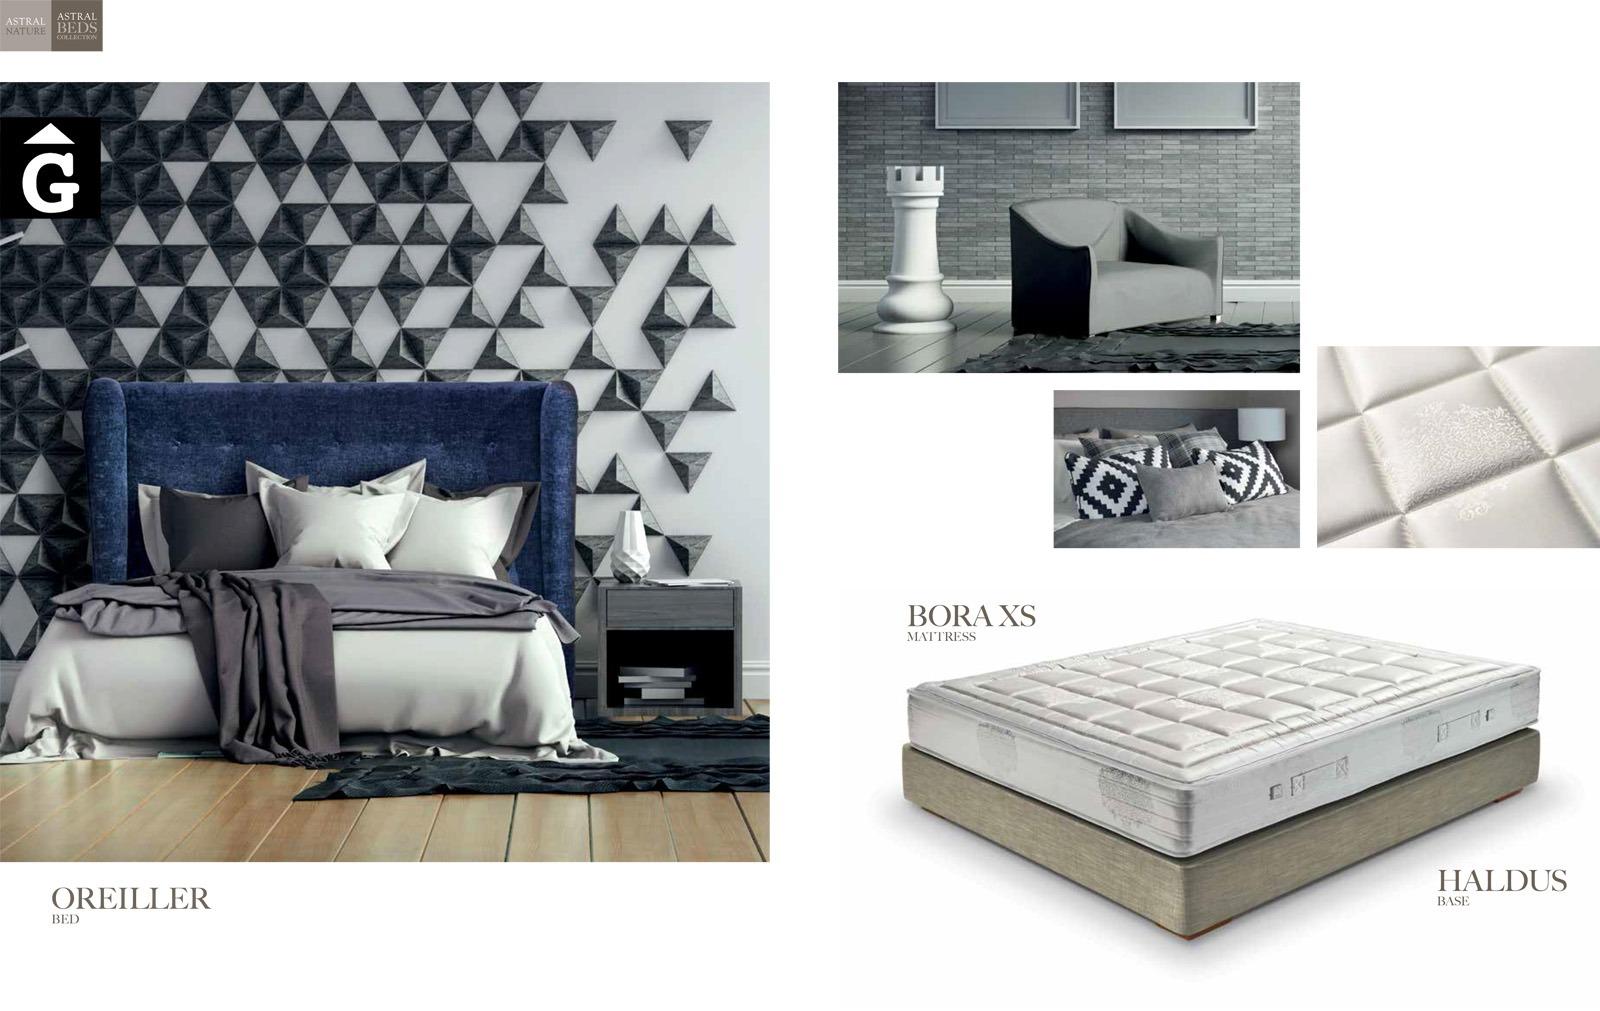 Oreiller llit entapissat ambient Beds Astral Nature descans qualitat natural i salut junts per mobles Gifreu